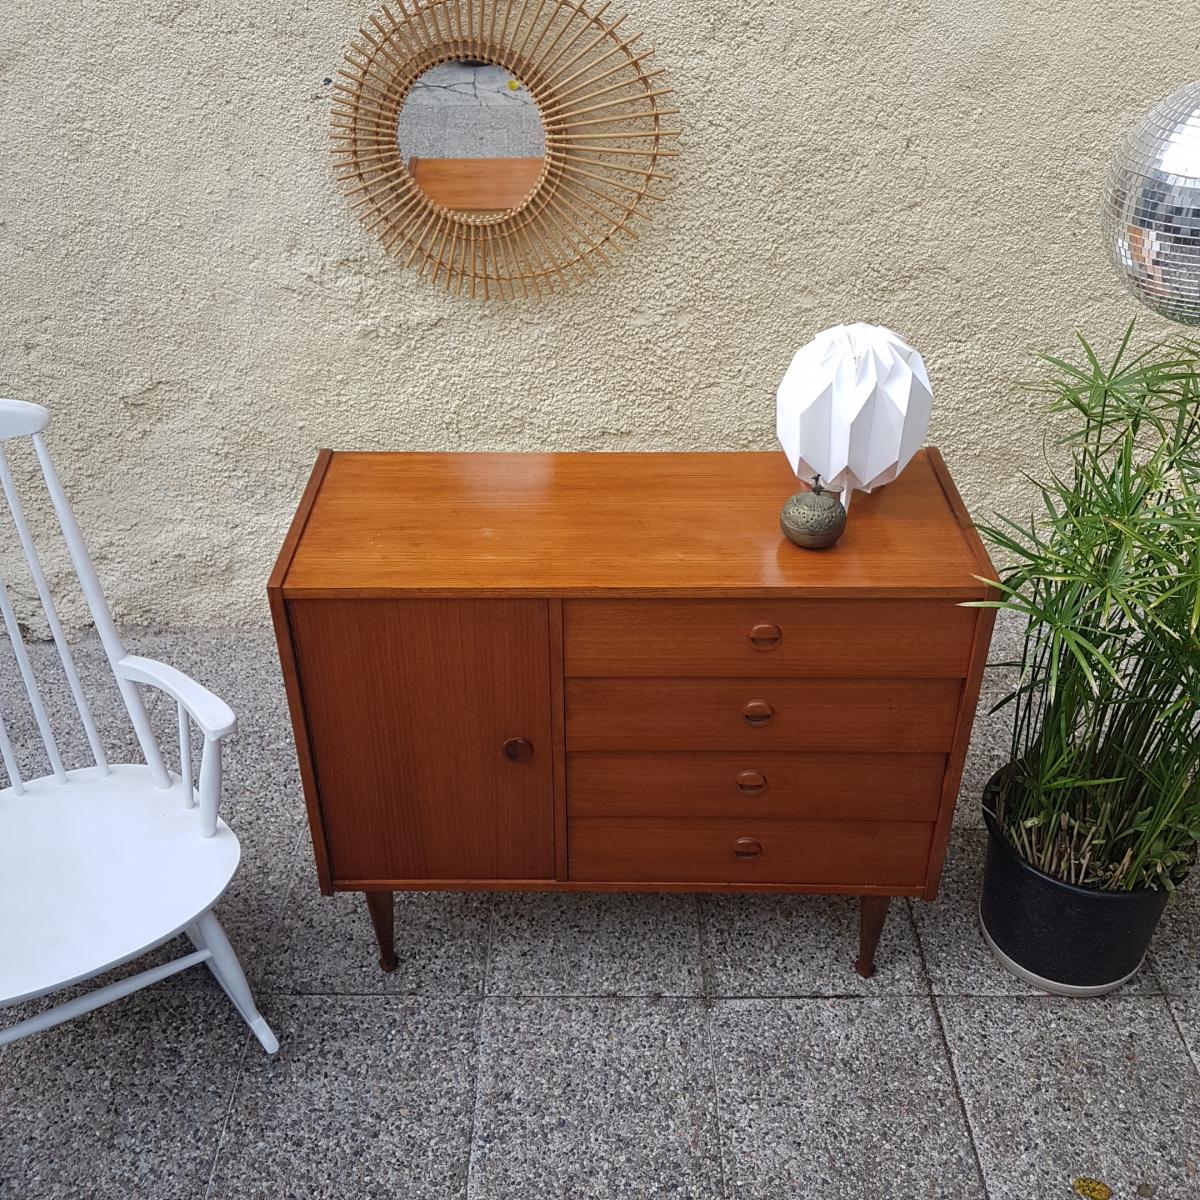 Commode enfilade meuble sous vasque vintage luckyfind for Enfilade meuble